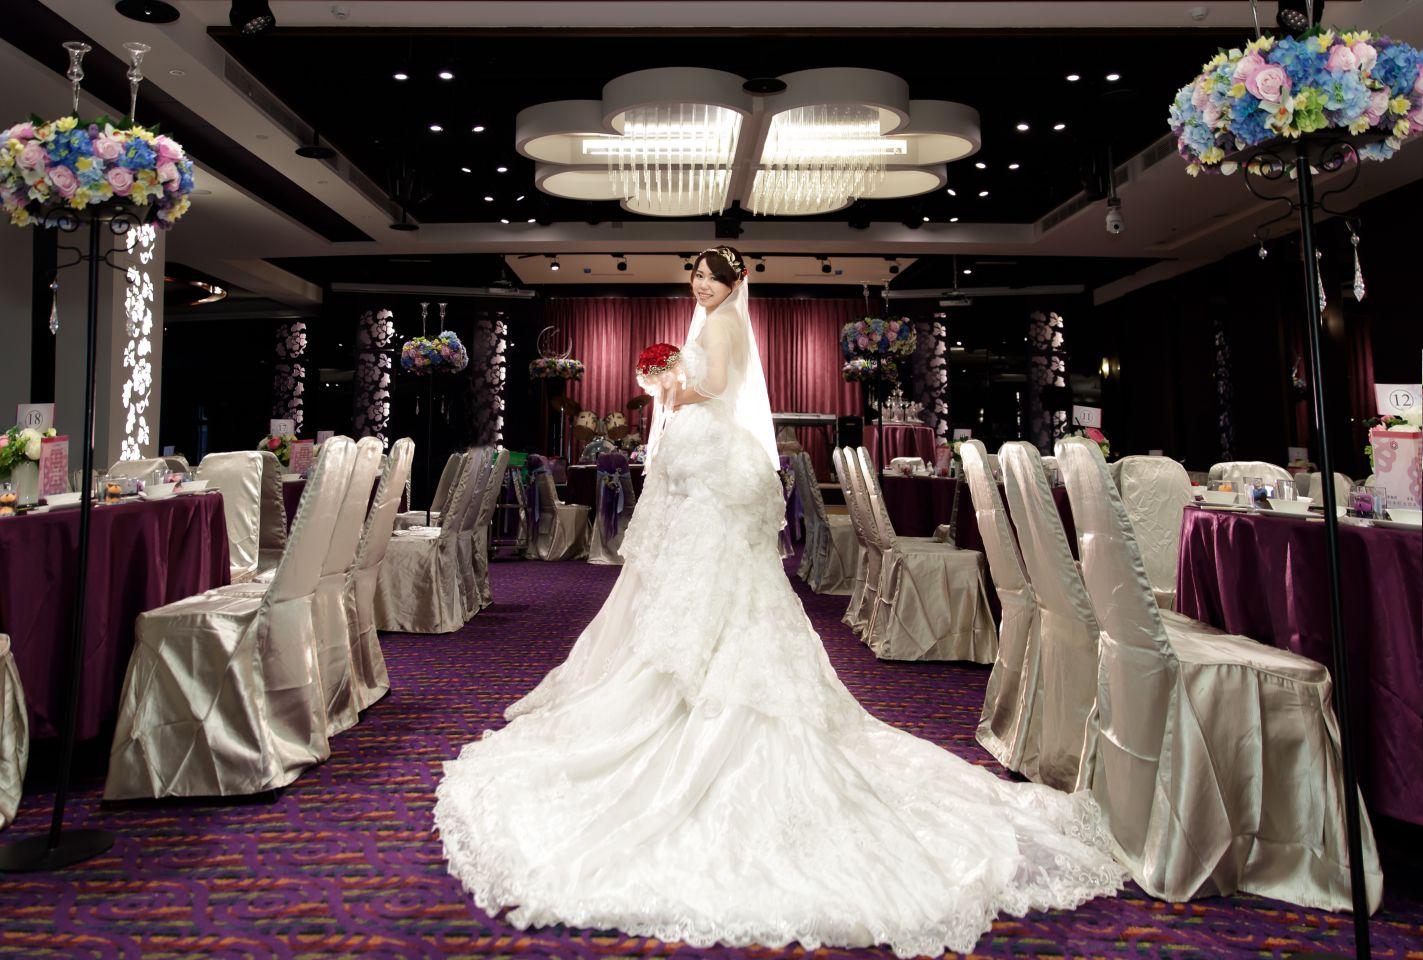 水月喜樓婚禮攝影,水月喜樓婚攝,高雄婚攝, 婚攝森森, 婚攝推薦, 水月喜樓,